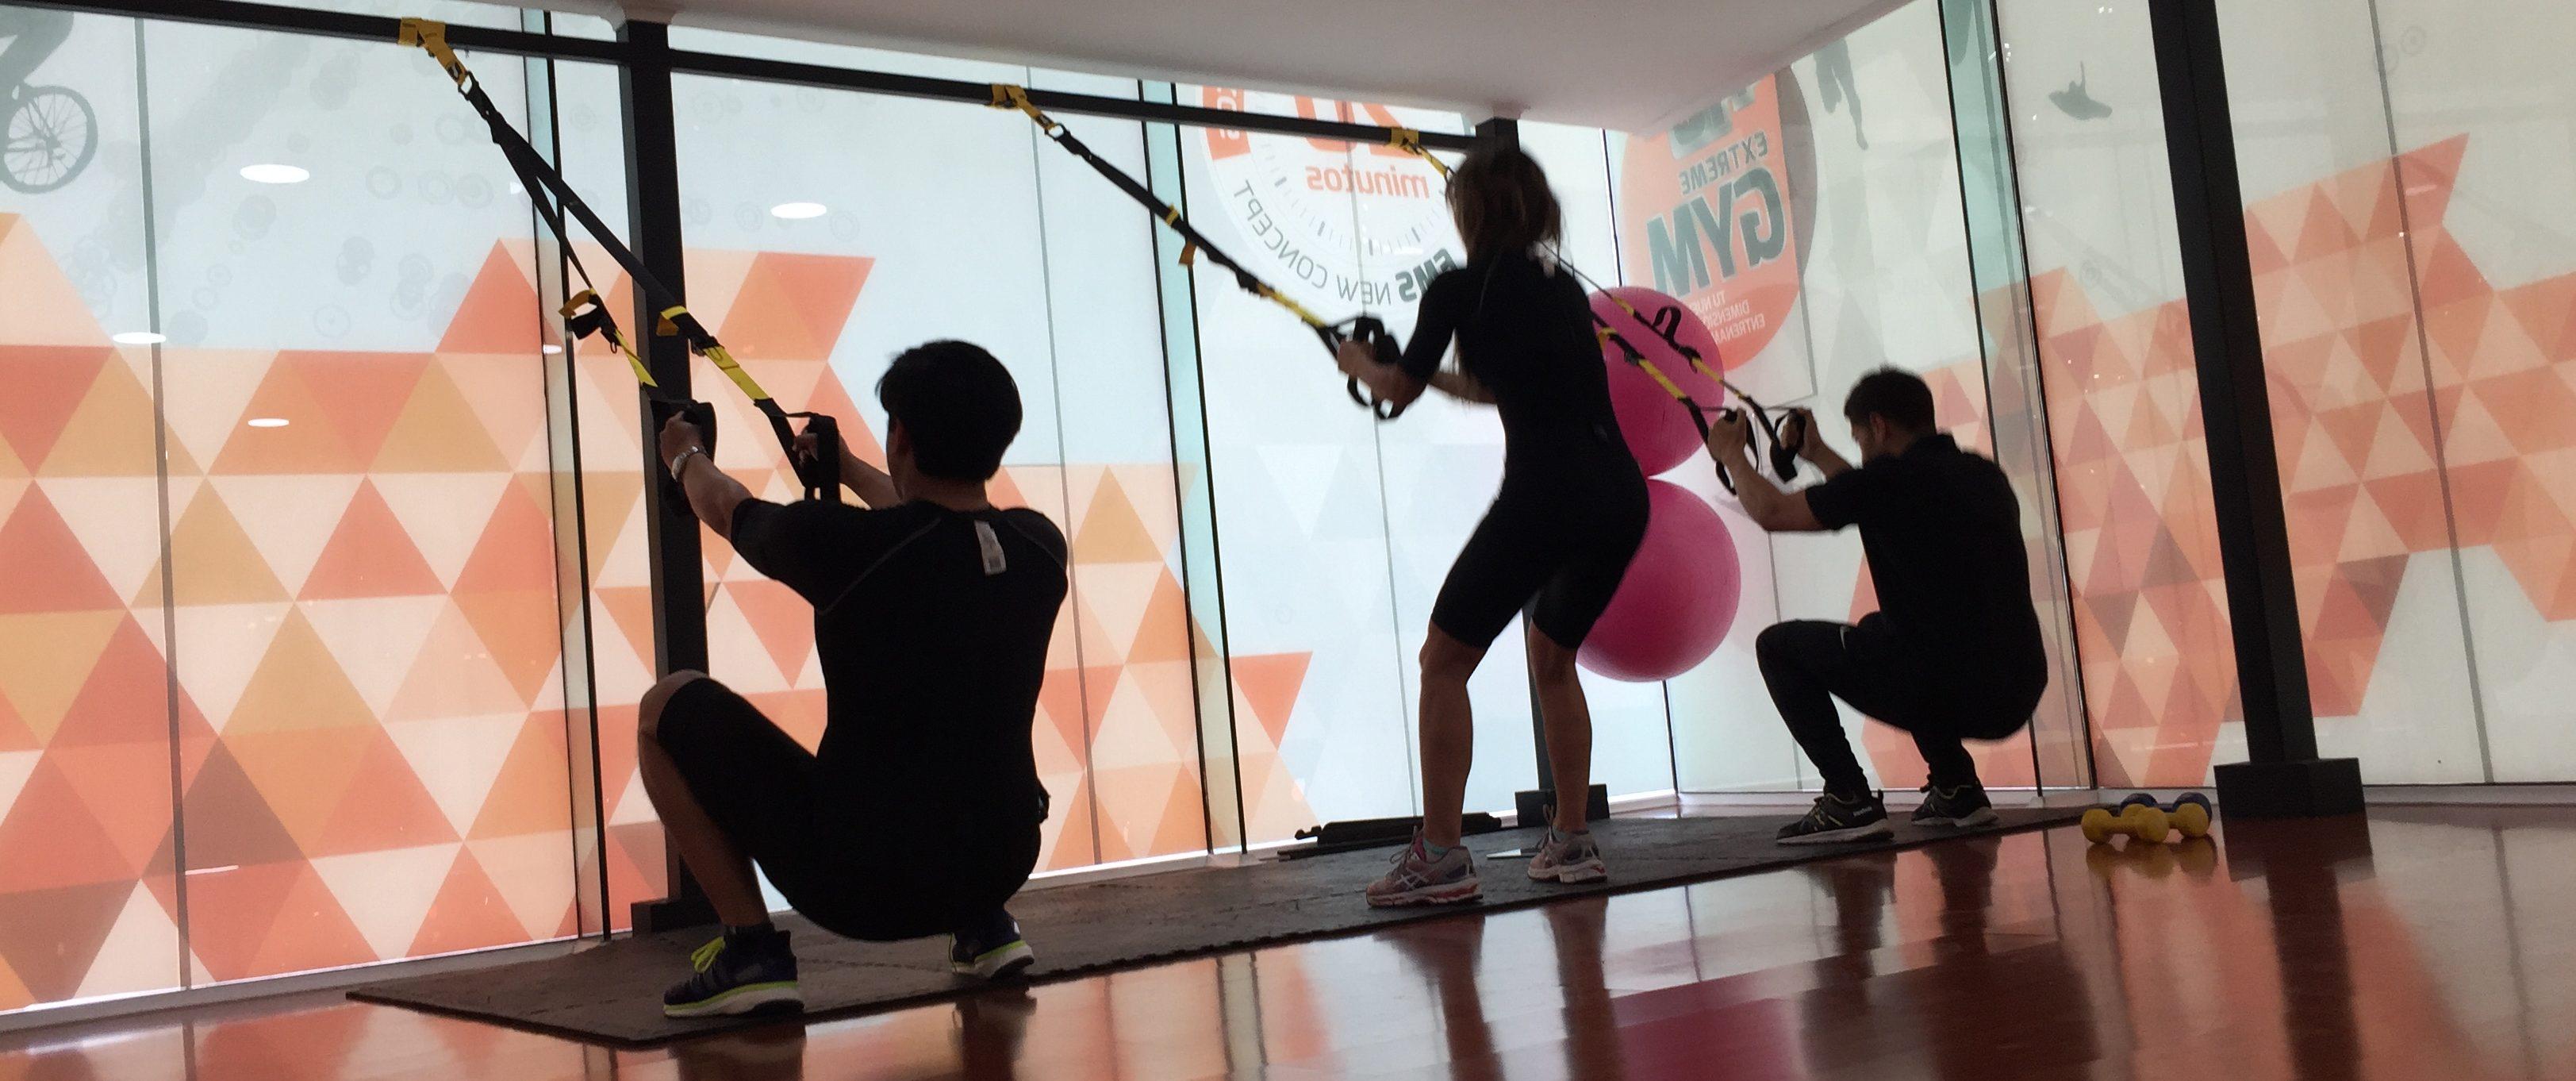 En Santiago + 10 extreme Gym es pionero en el modelo de gimnasio boutique en electroestimulación muscular en La Dehesa de la mano de Visionbody Chile.